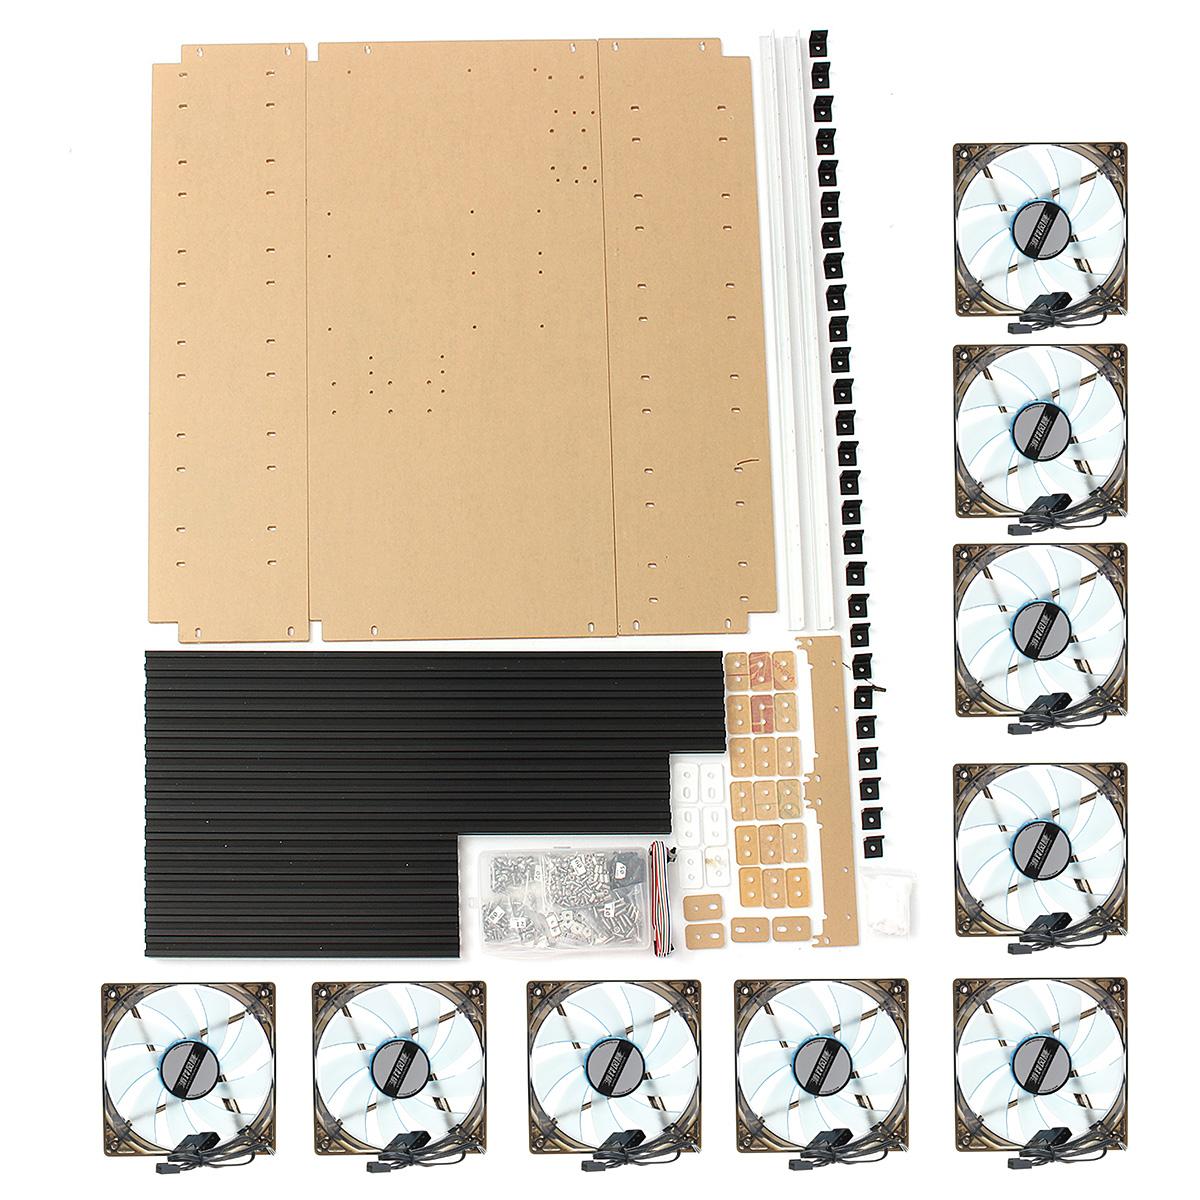 12 Gpu Aluminum Open Air Miner Frame Mining Rig Case Eth Btc Ethereum 10 Fans